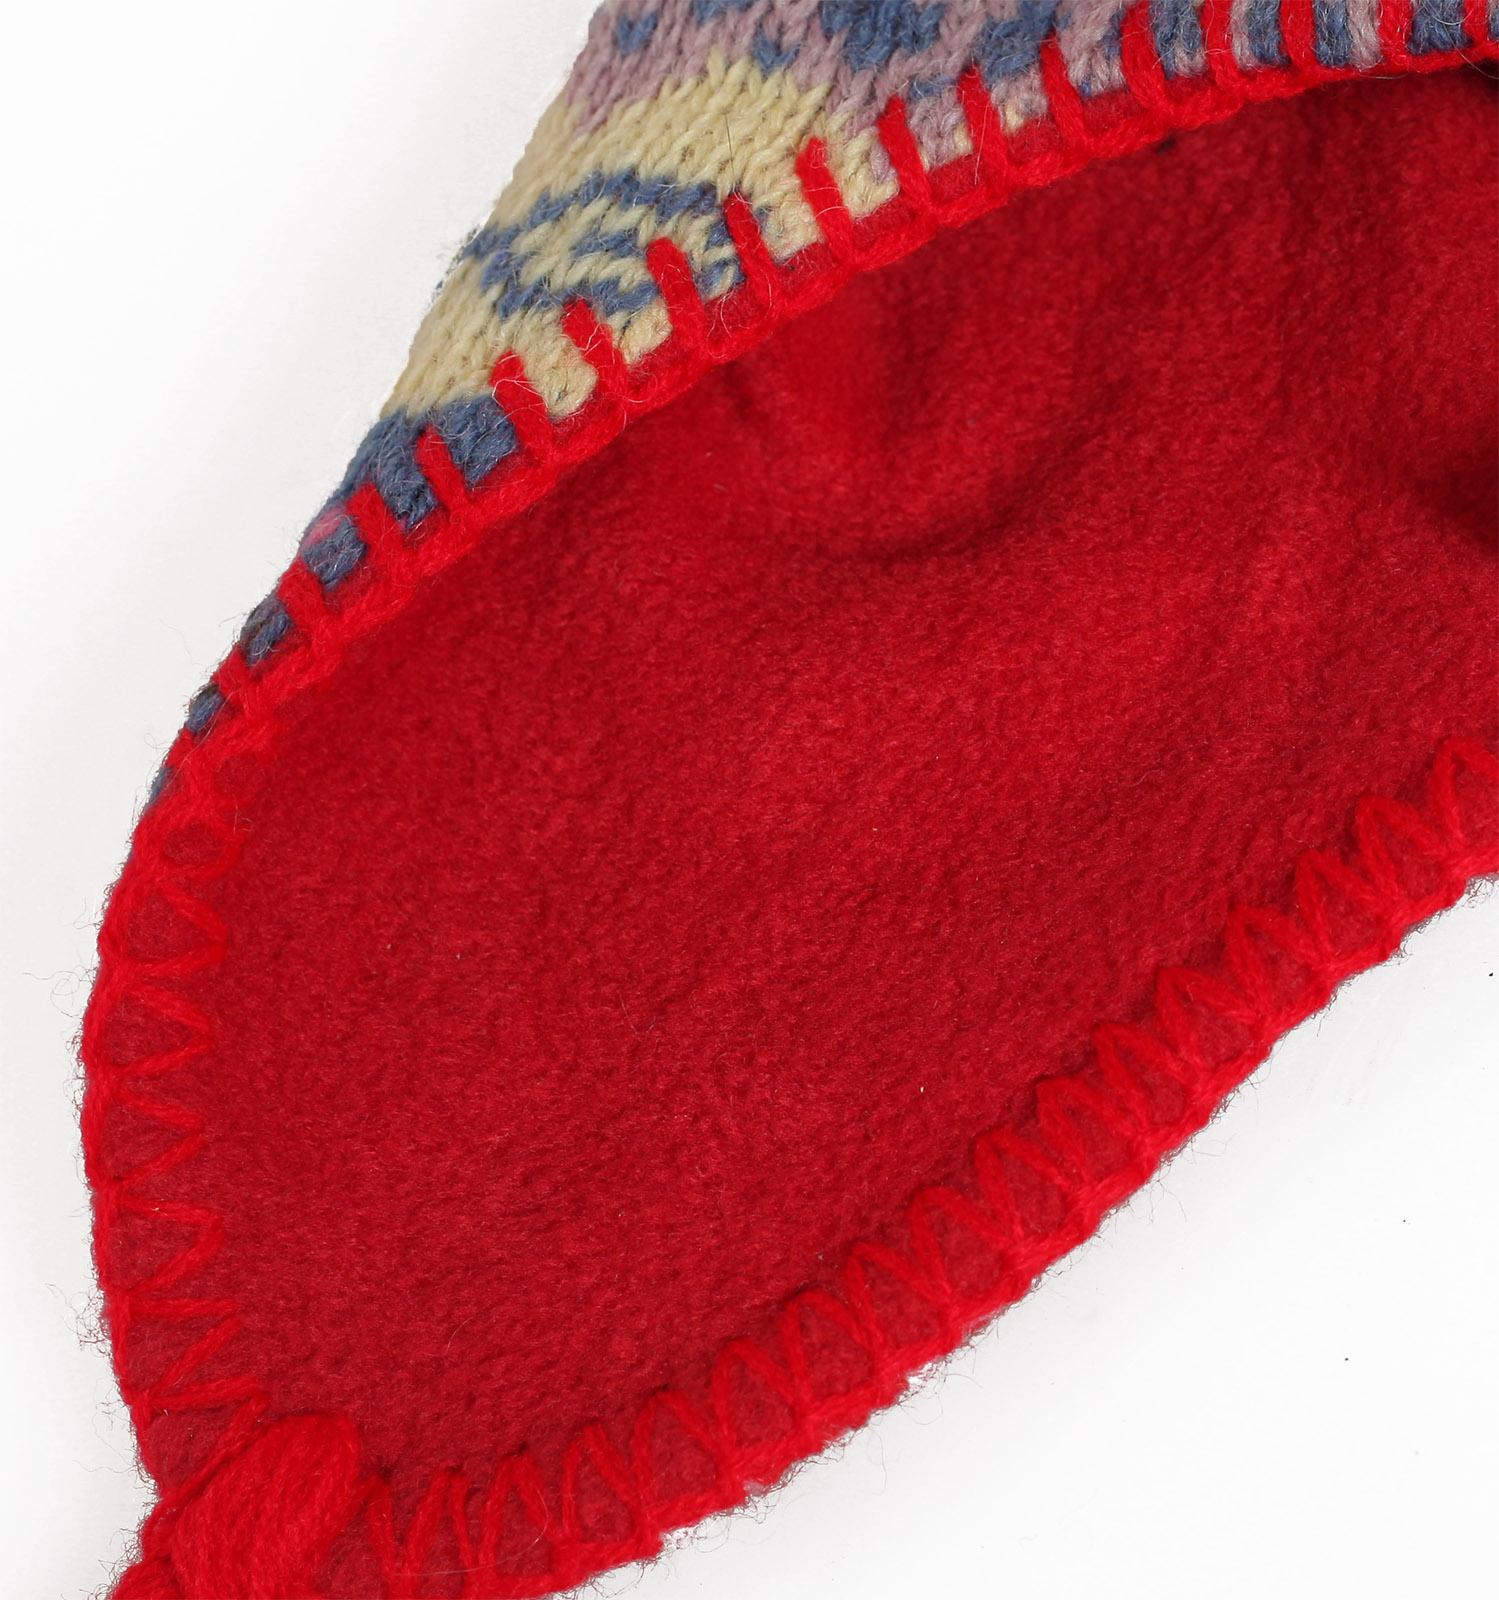 Купить жаккардовую зимнюю глубокую женскую шапку утепленную флисом по низкой цене